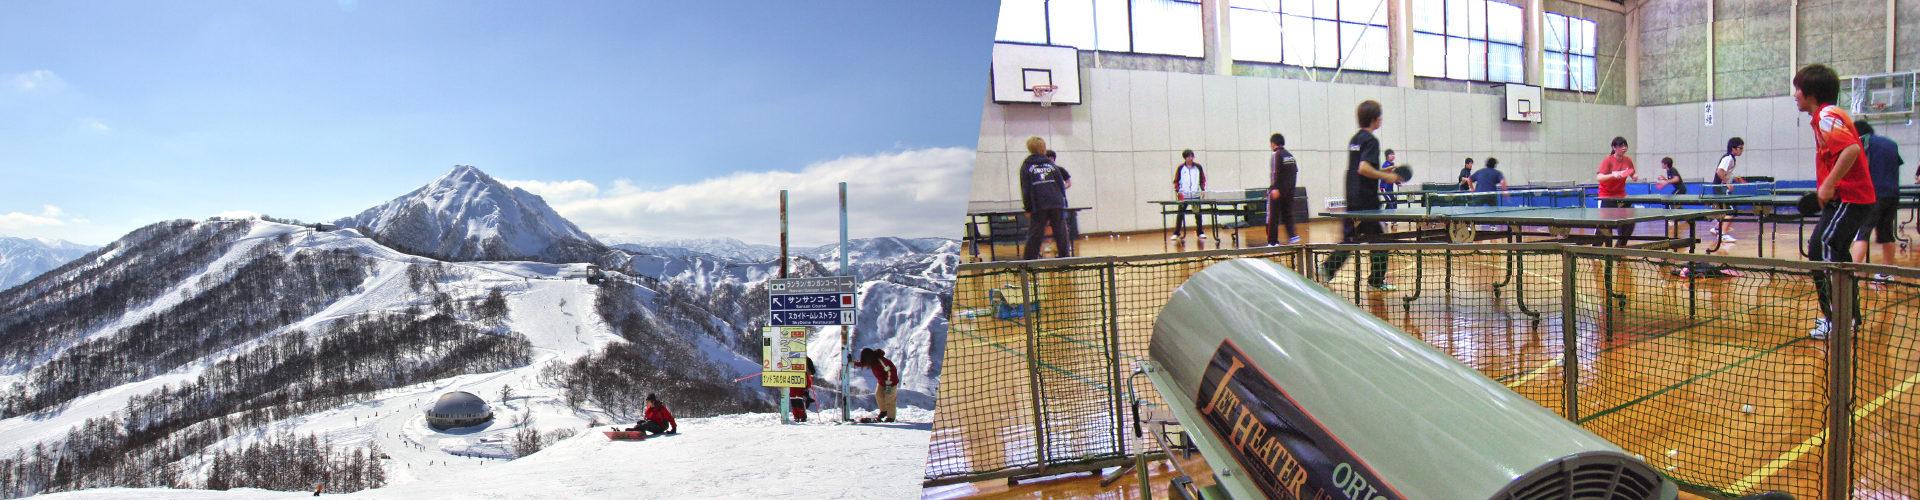 冬合宿とスキースノボ